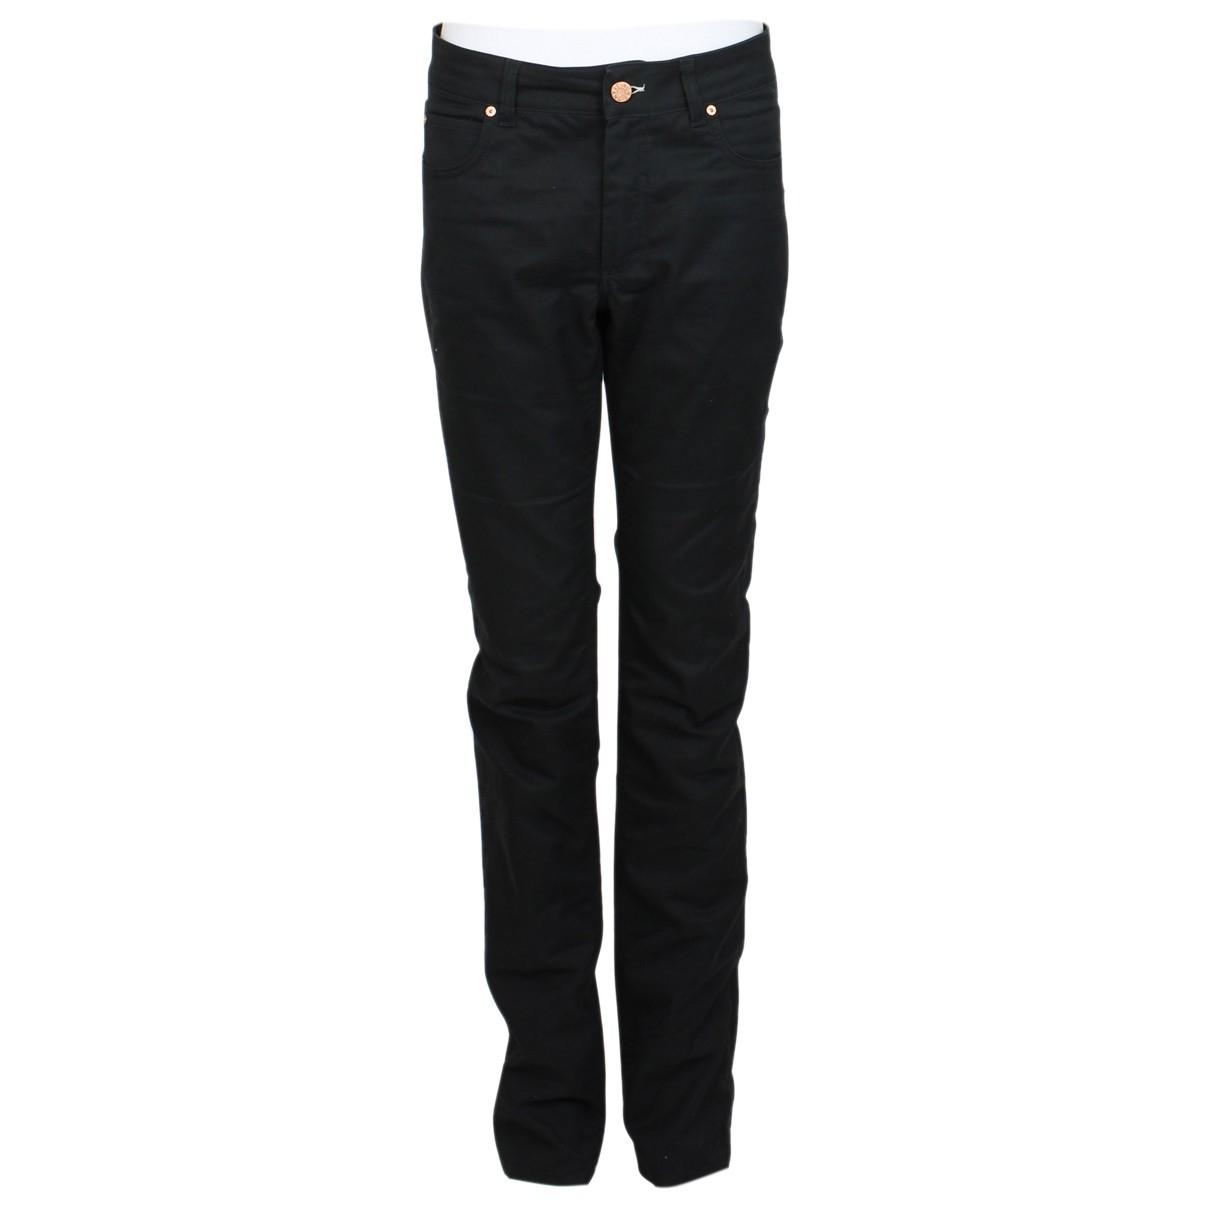 Acne Studios Black Cotton Jeans Hex